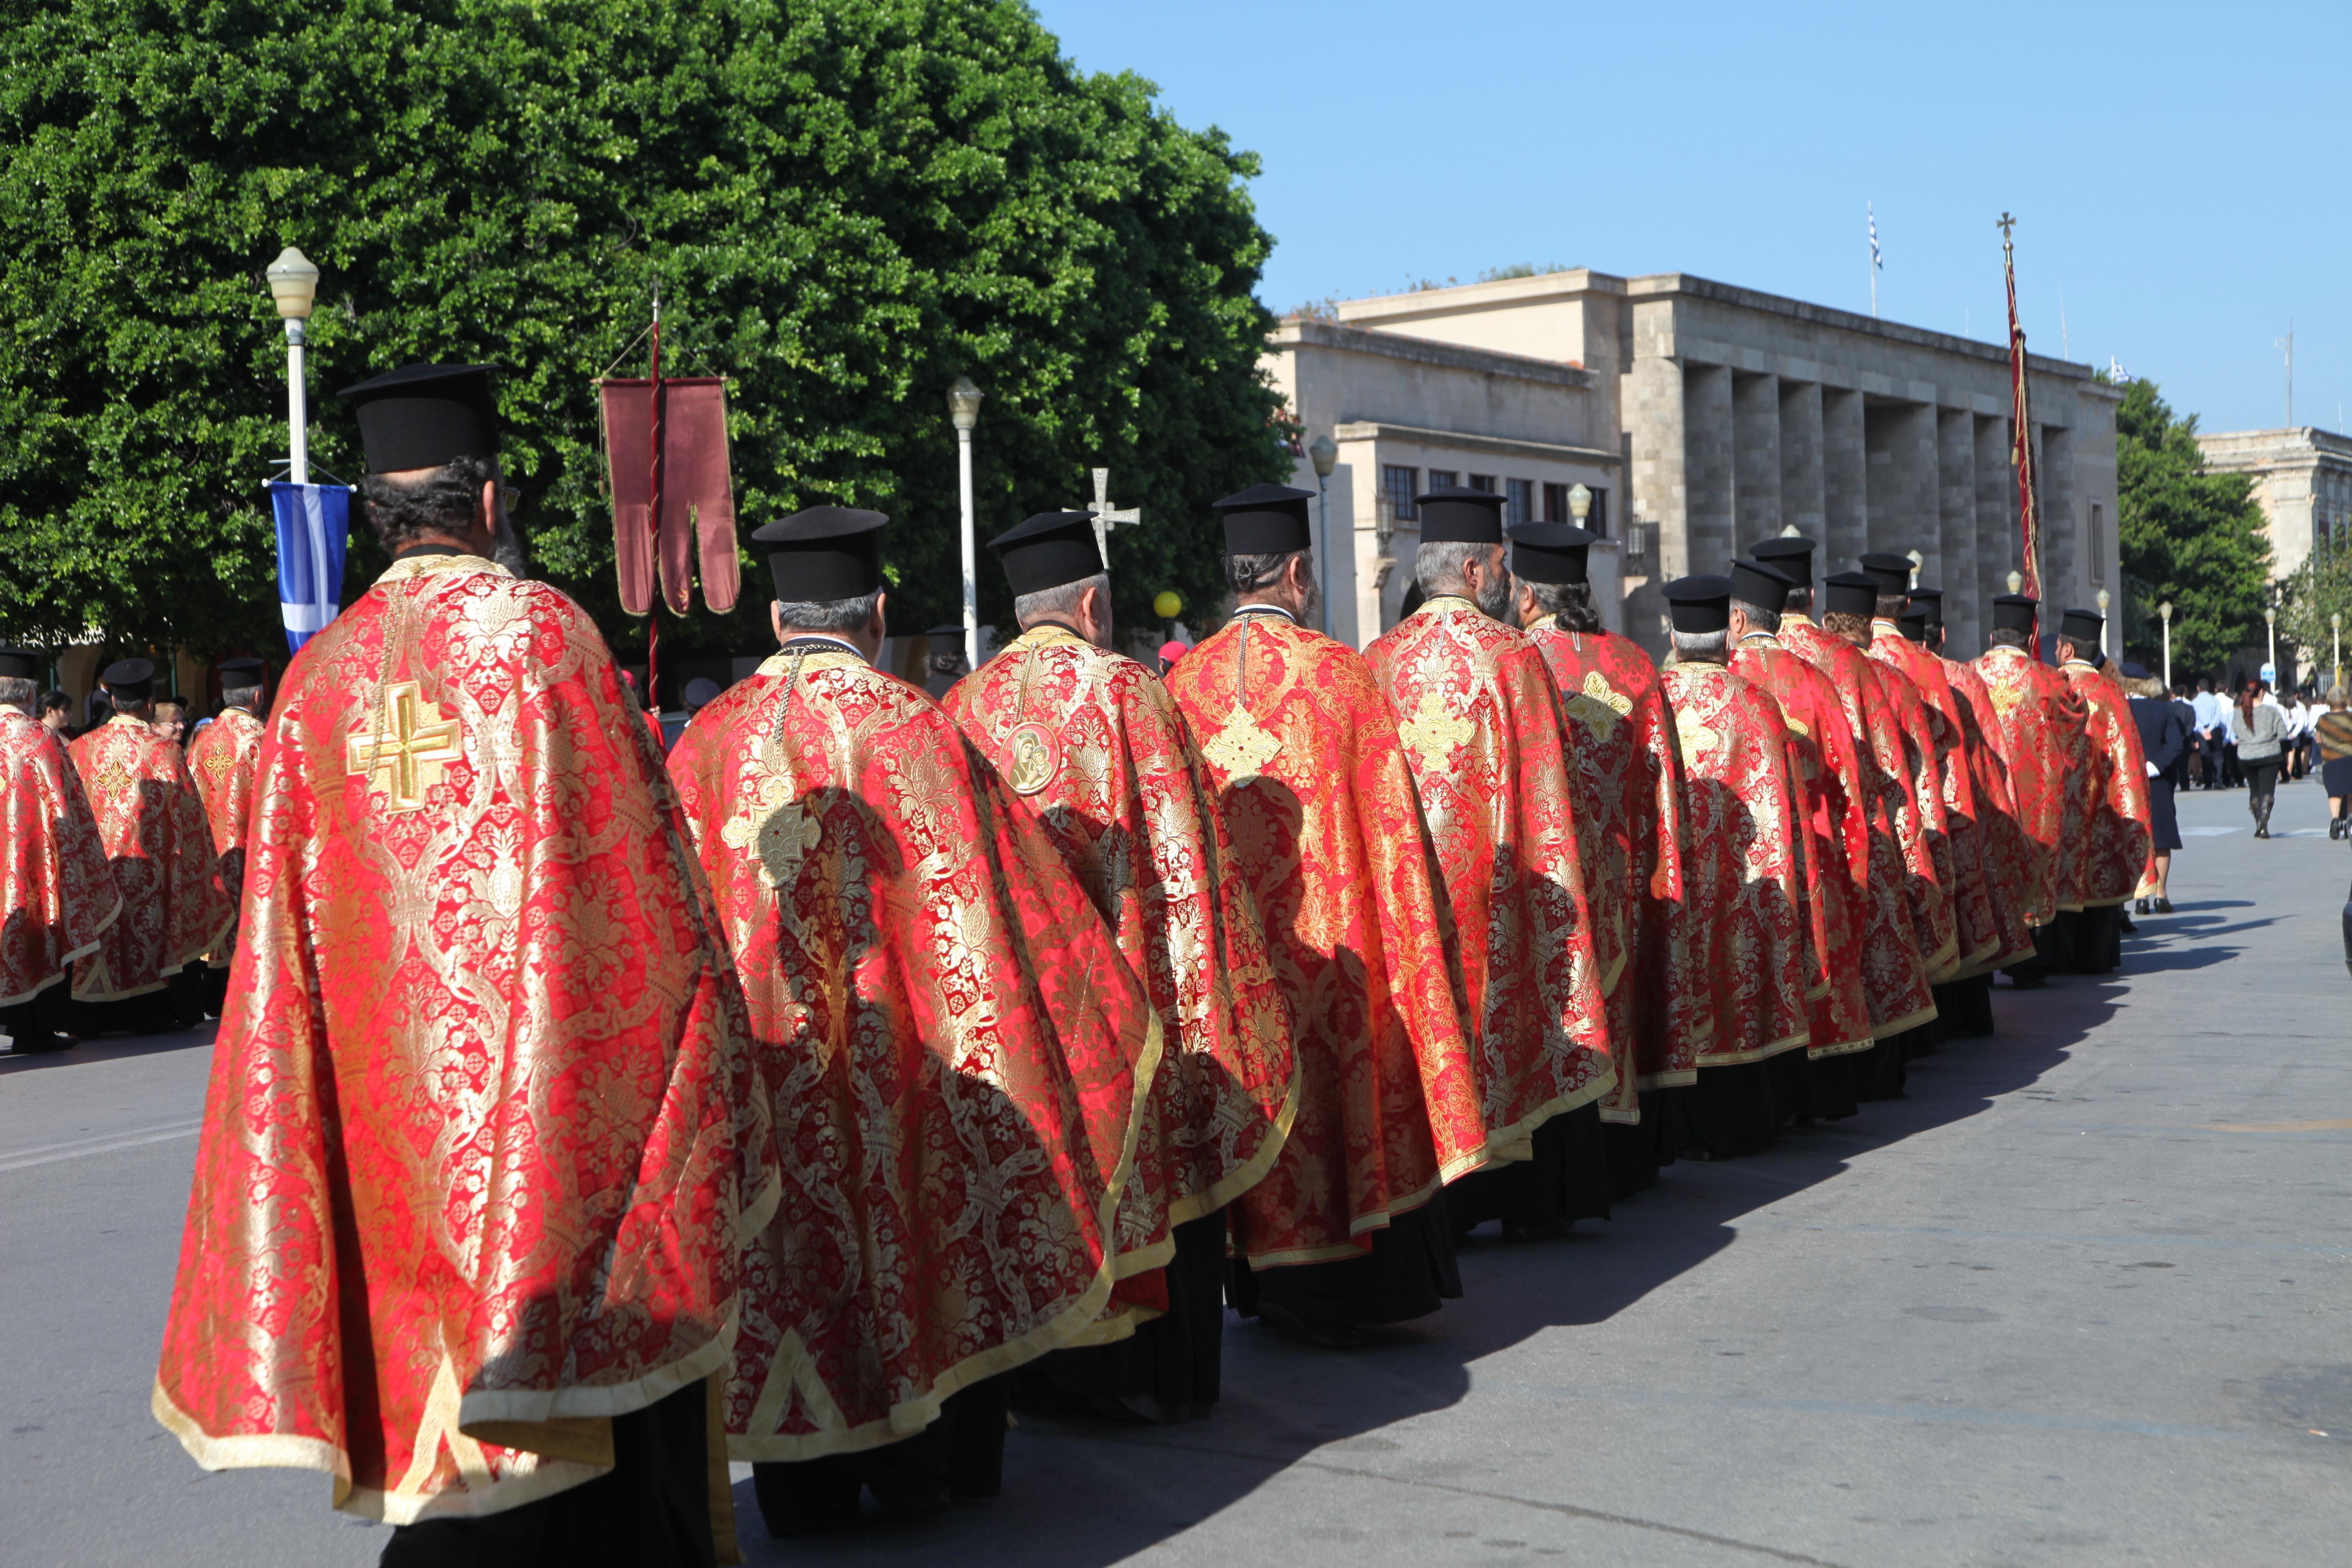 Ιερός εμφύλιος στην Εκκλησία. Γιατί αντιδρά ο Σύνδεσμος Κληρικών και επιτίθεται σε Ιερώνυμο και Μητροπολίτες